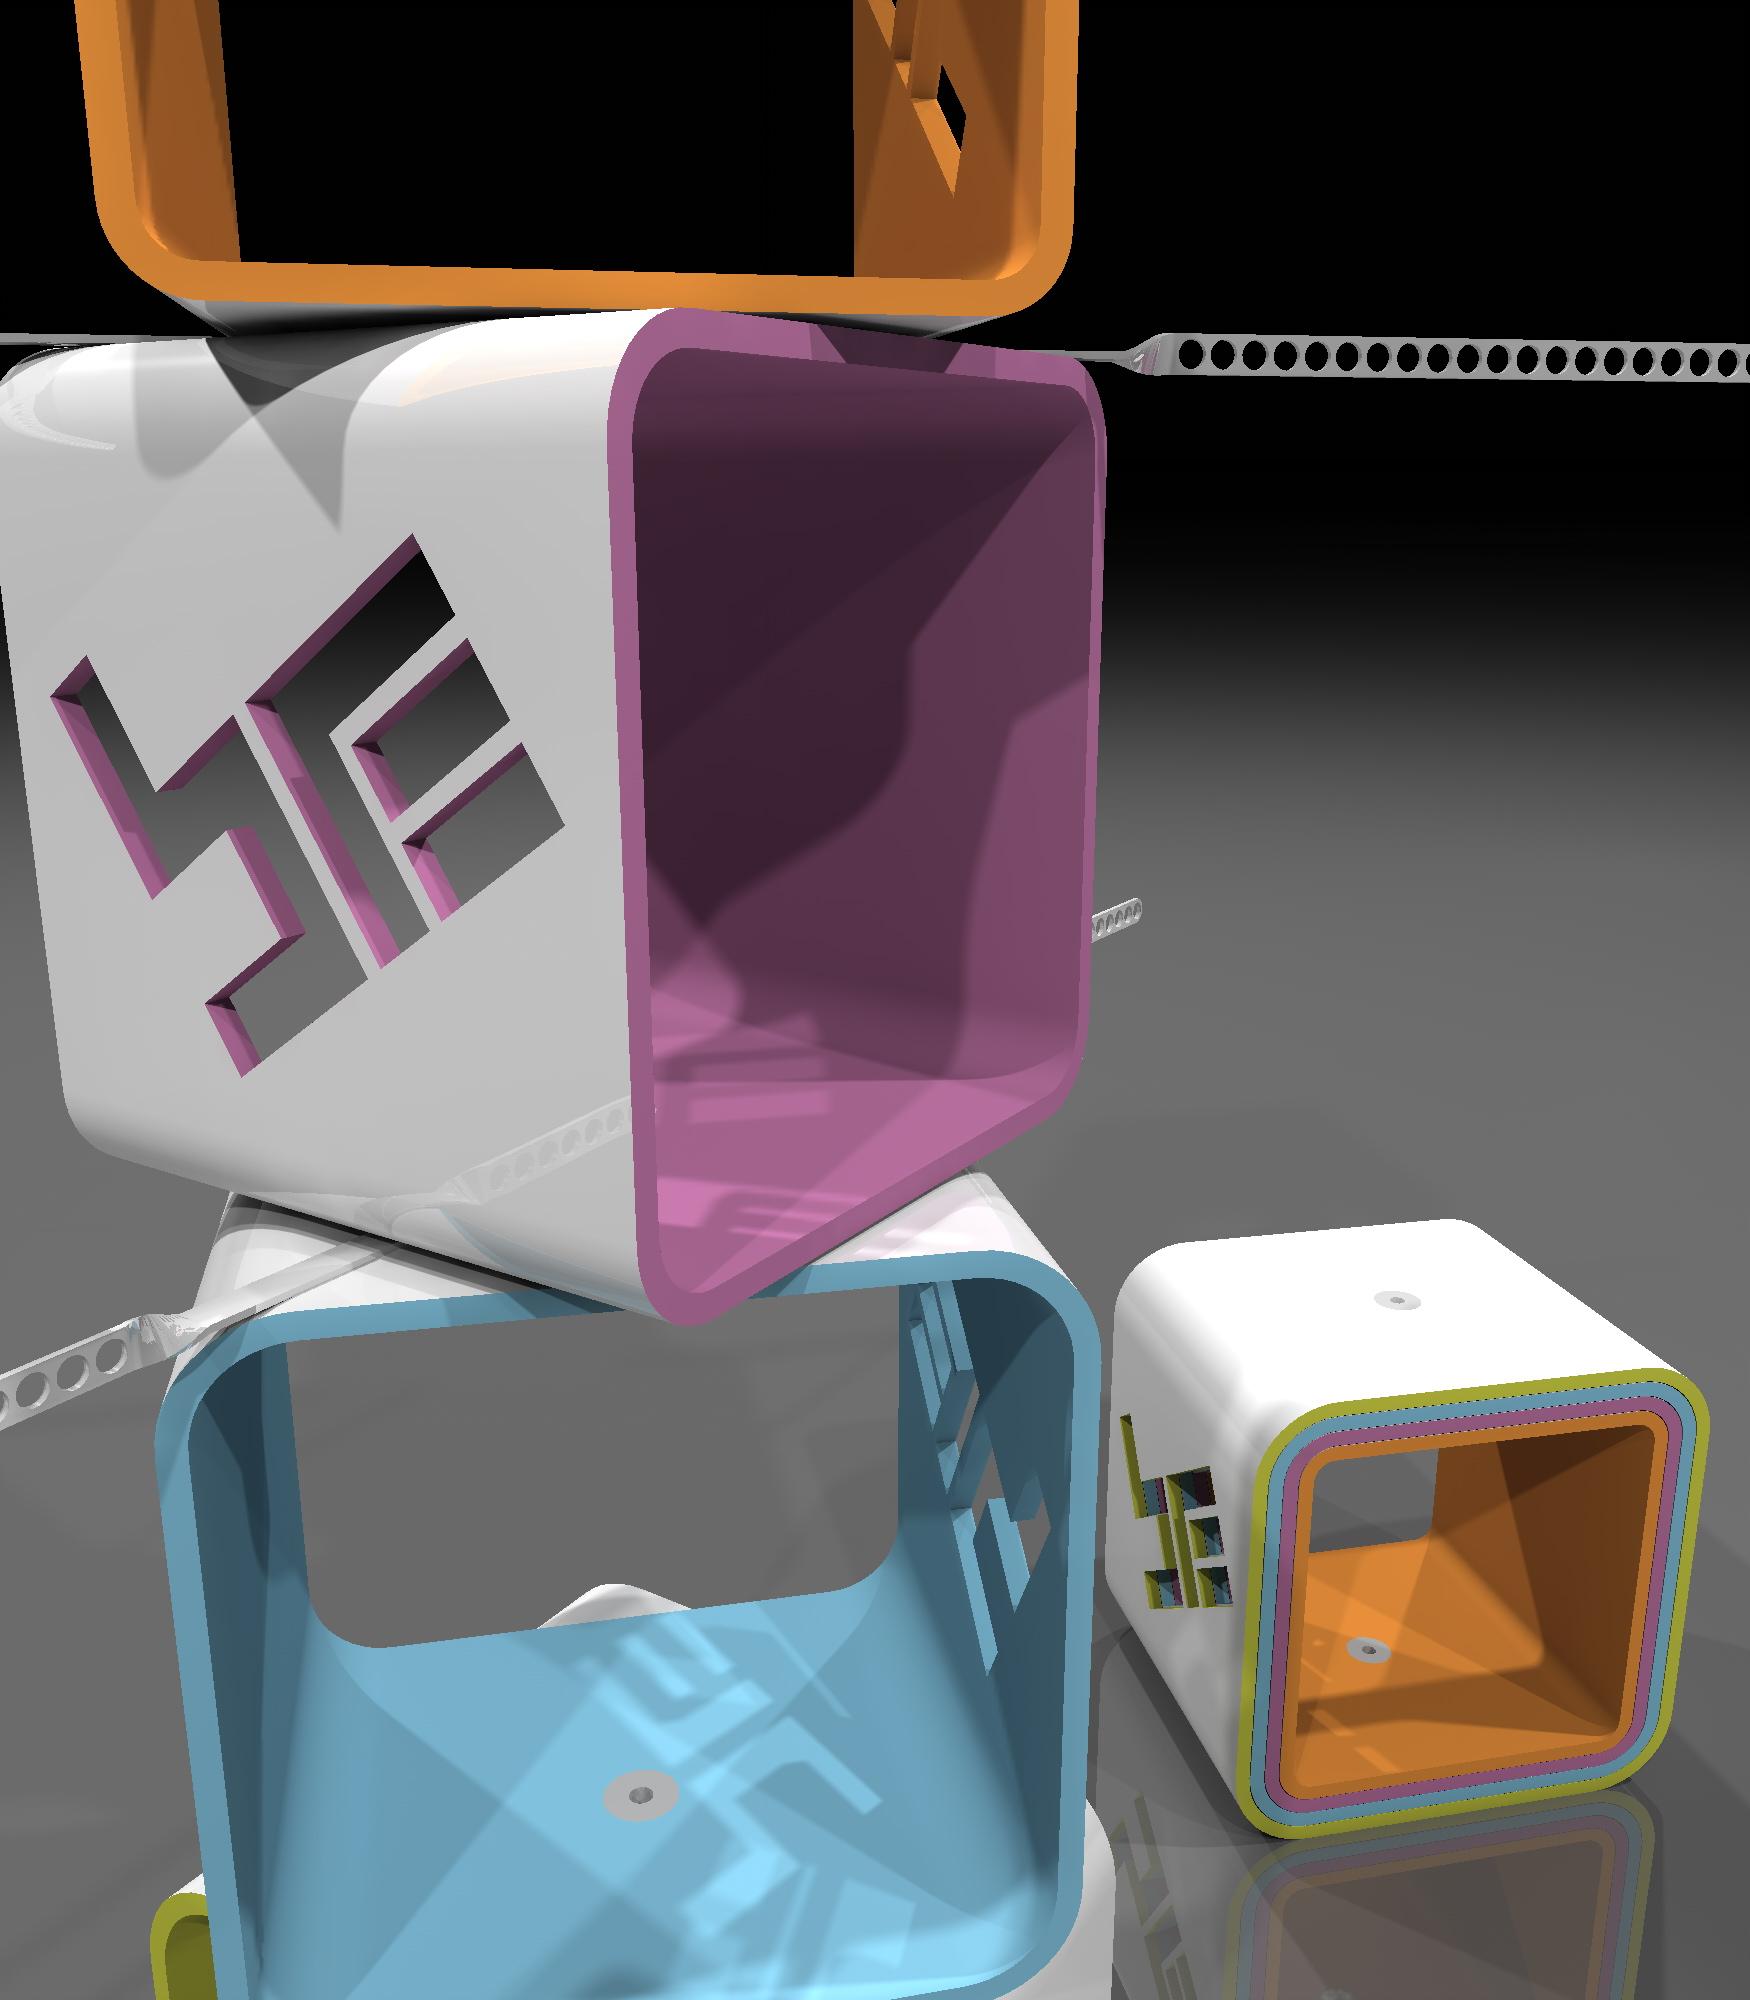 BRE Display (2013.01.02) pic. 2